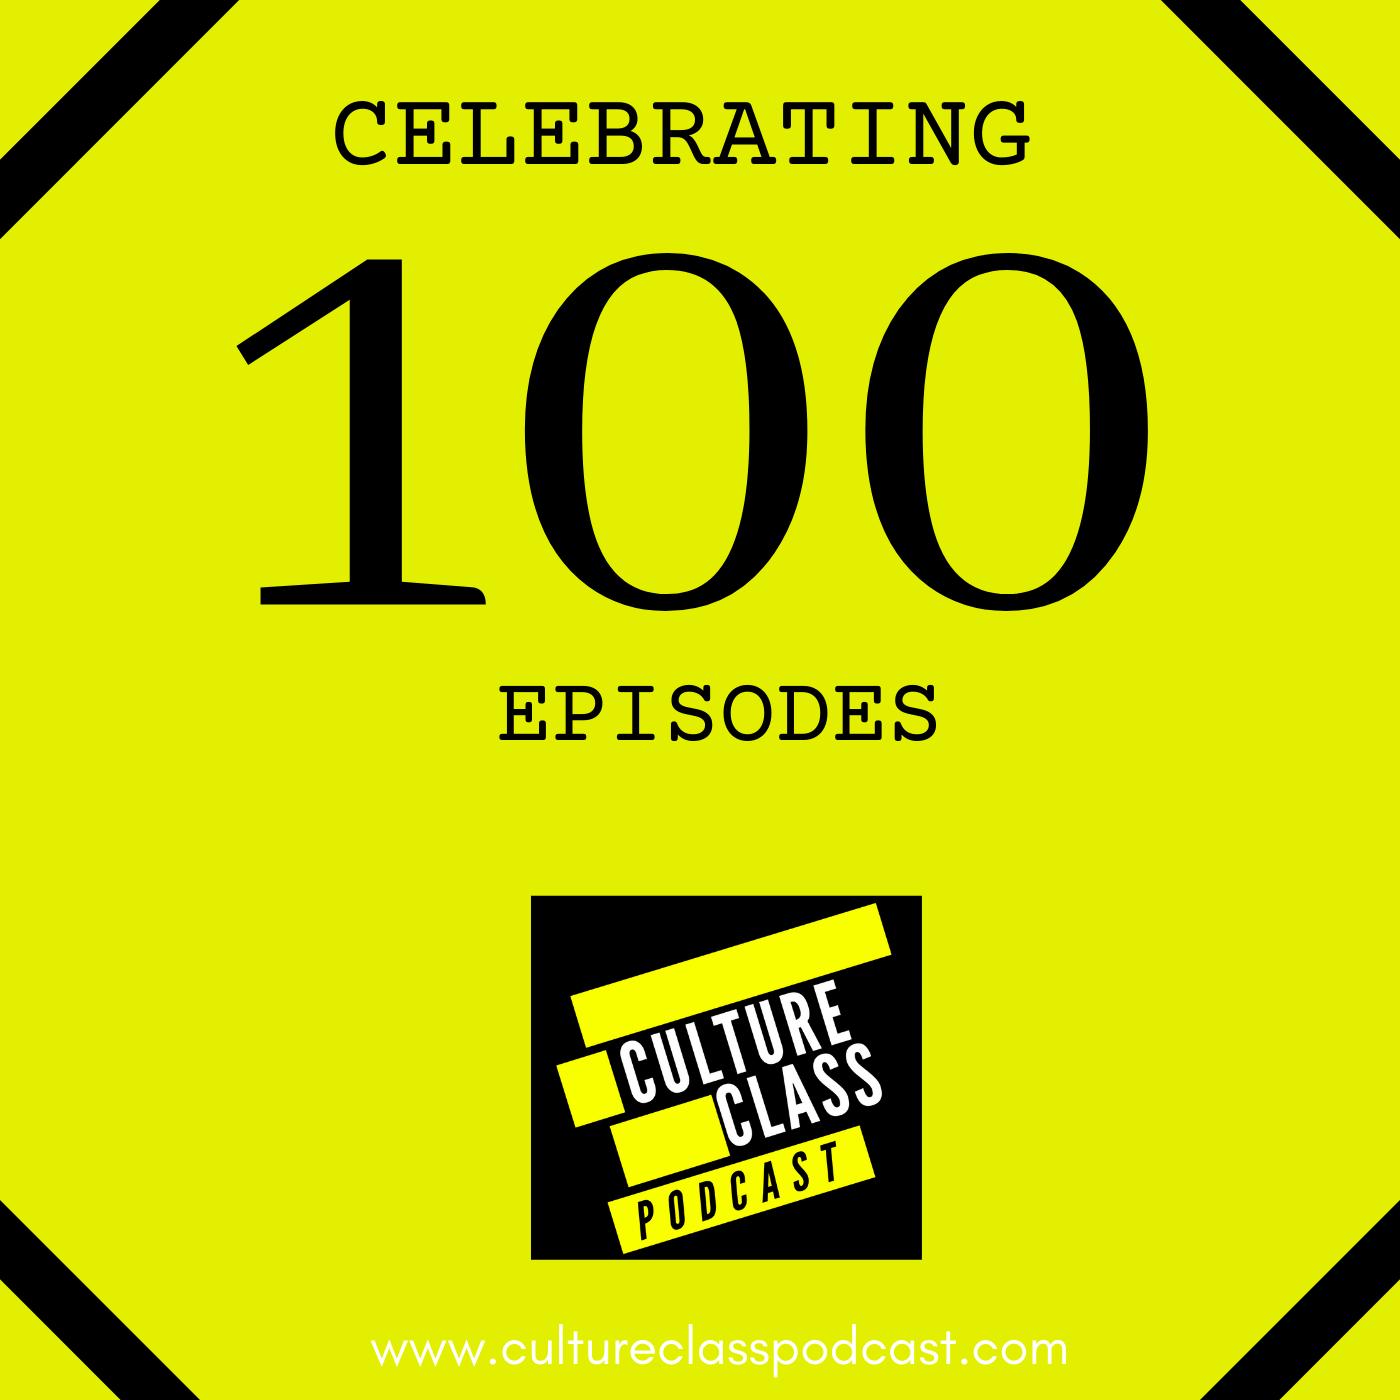 Celebrating 100 Episodes